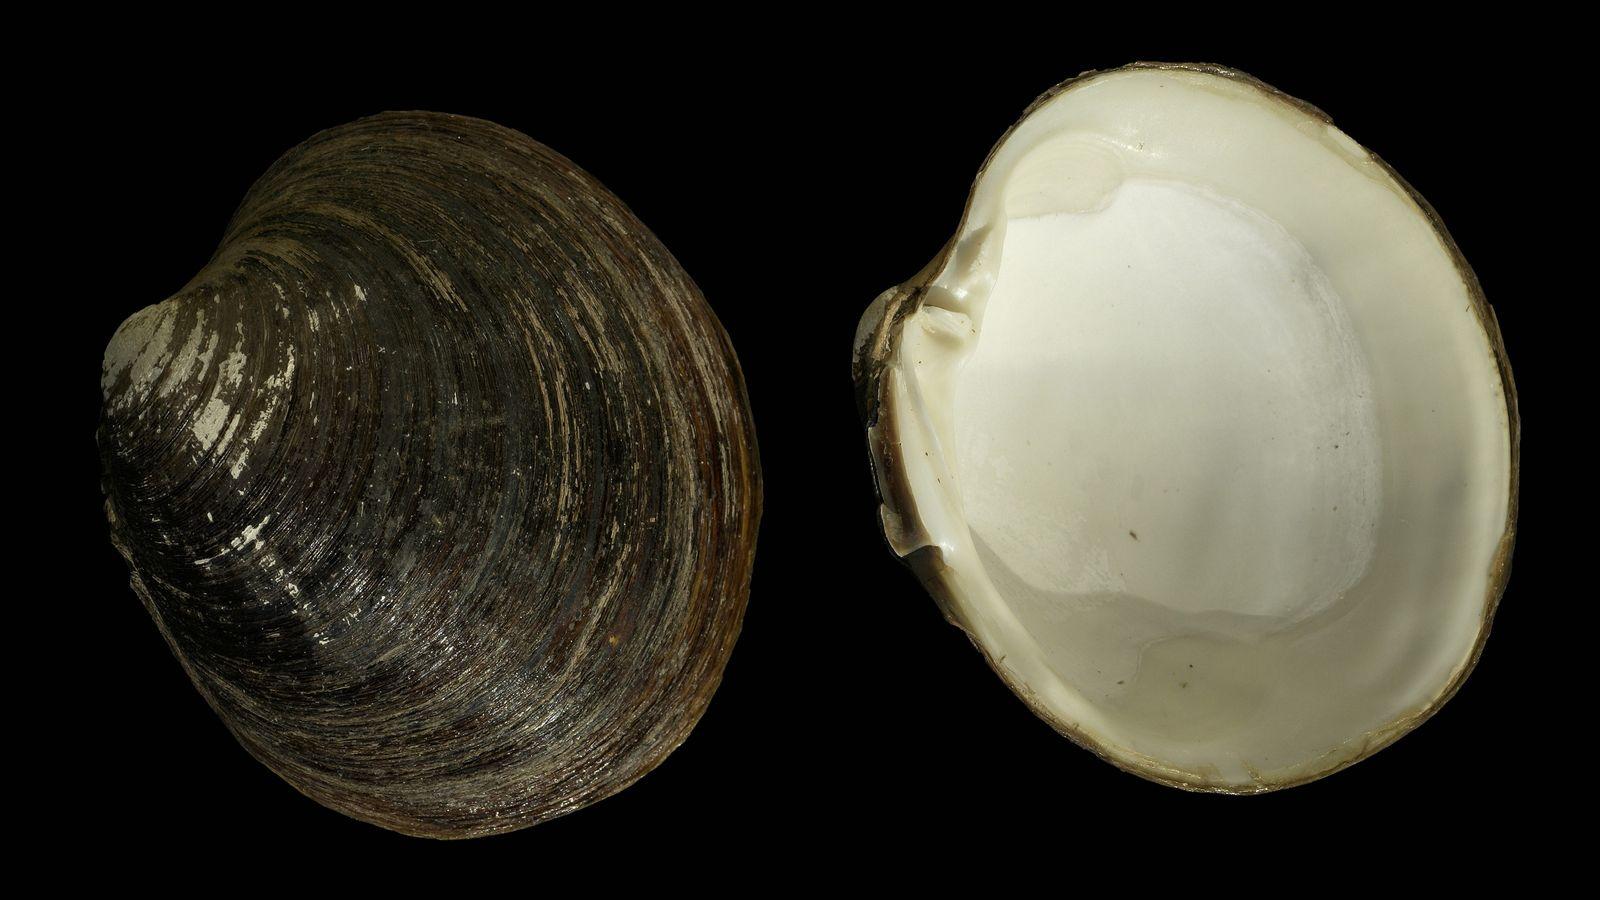 Une coquille d'Arctica islandica avec les valves séparées, récoltée en mer du Nord.